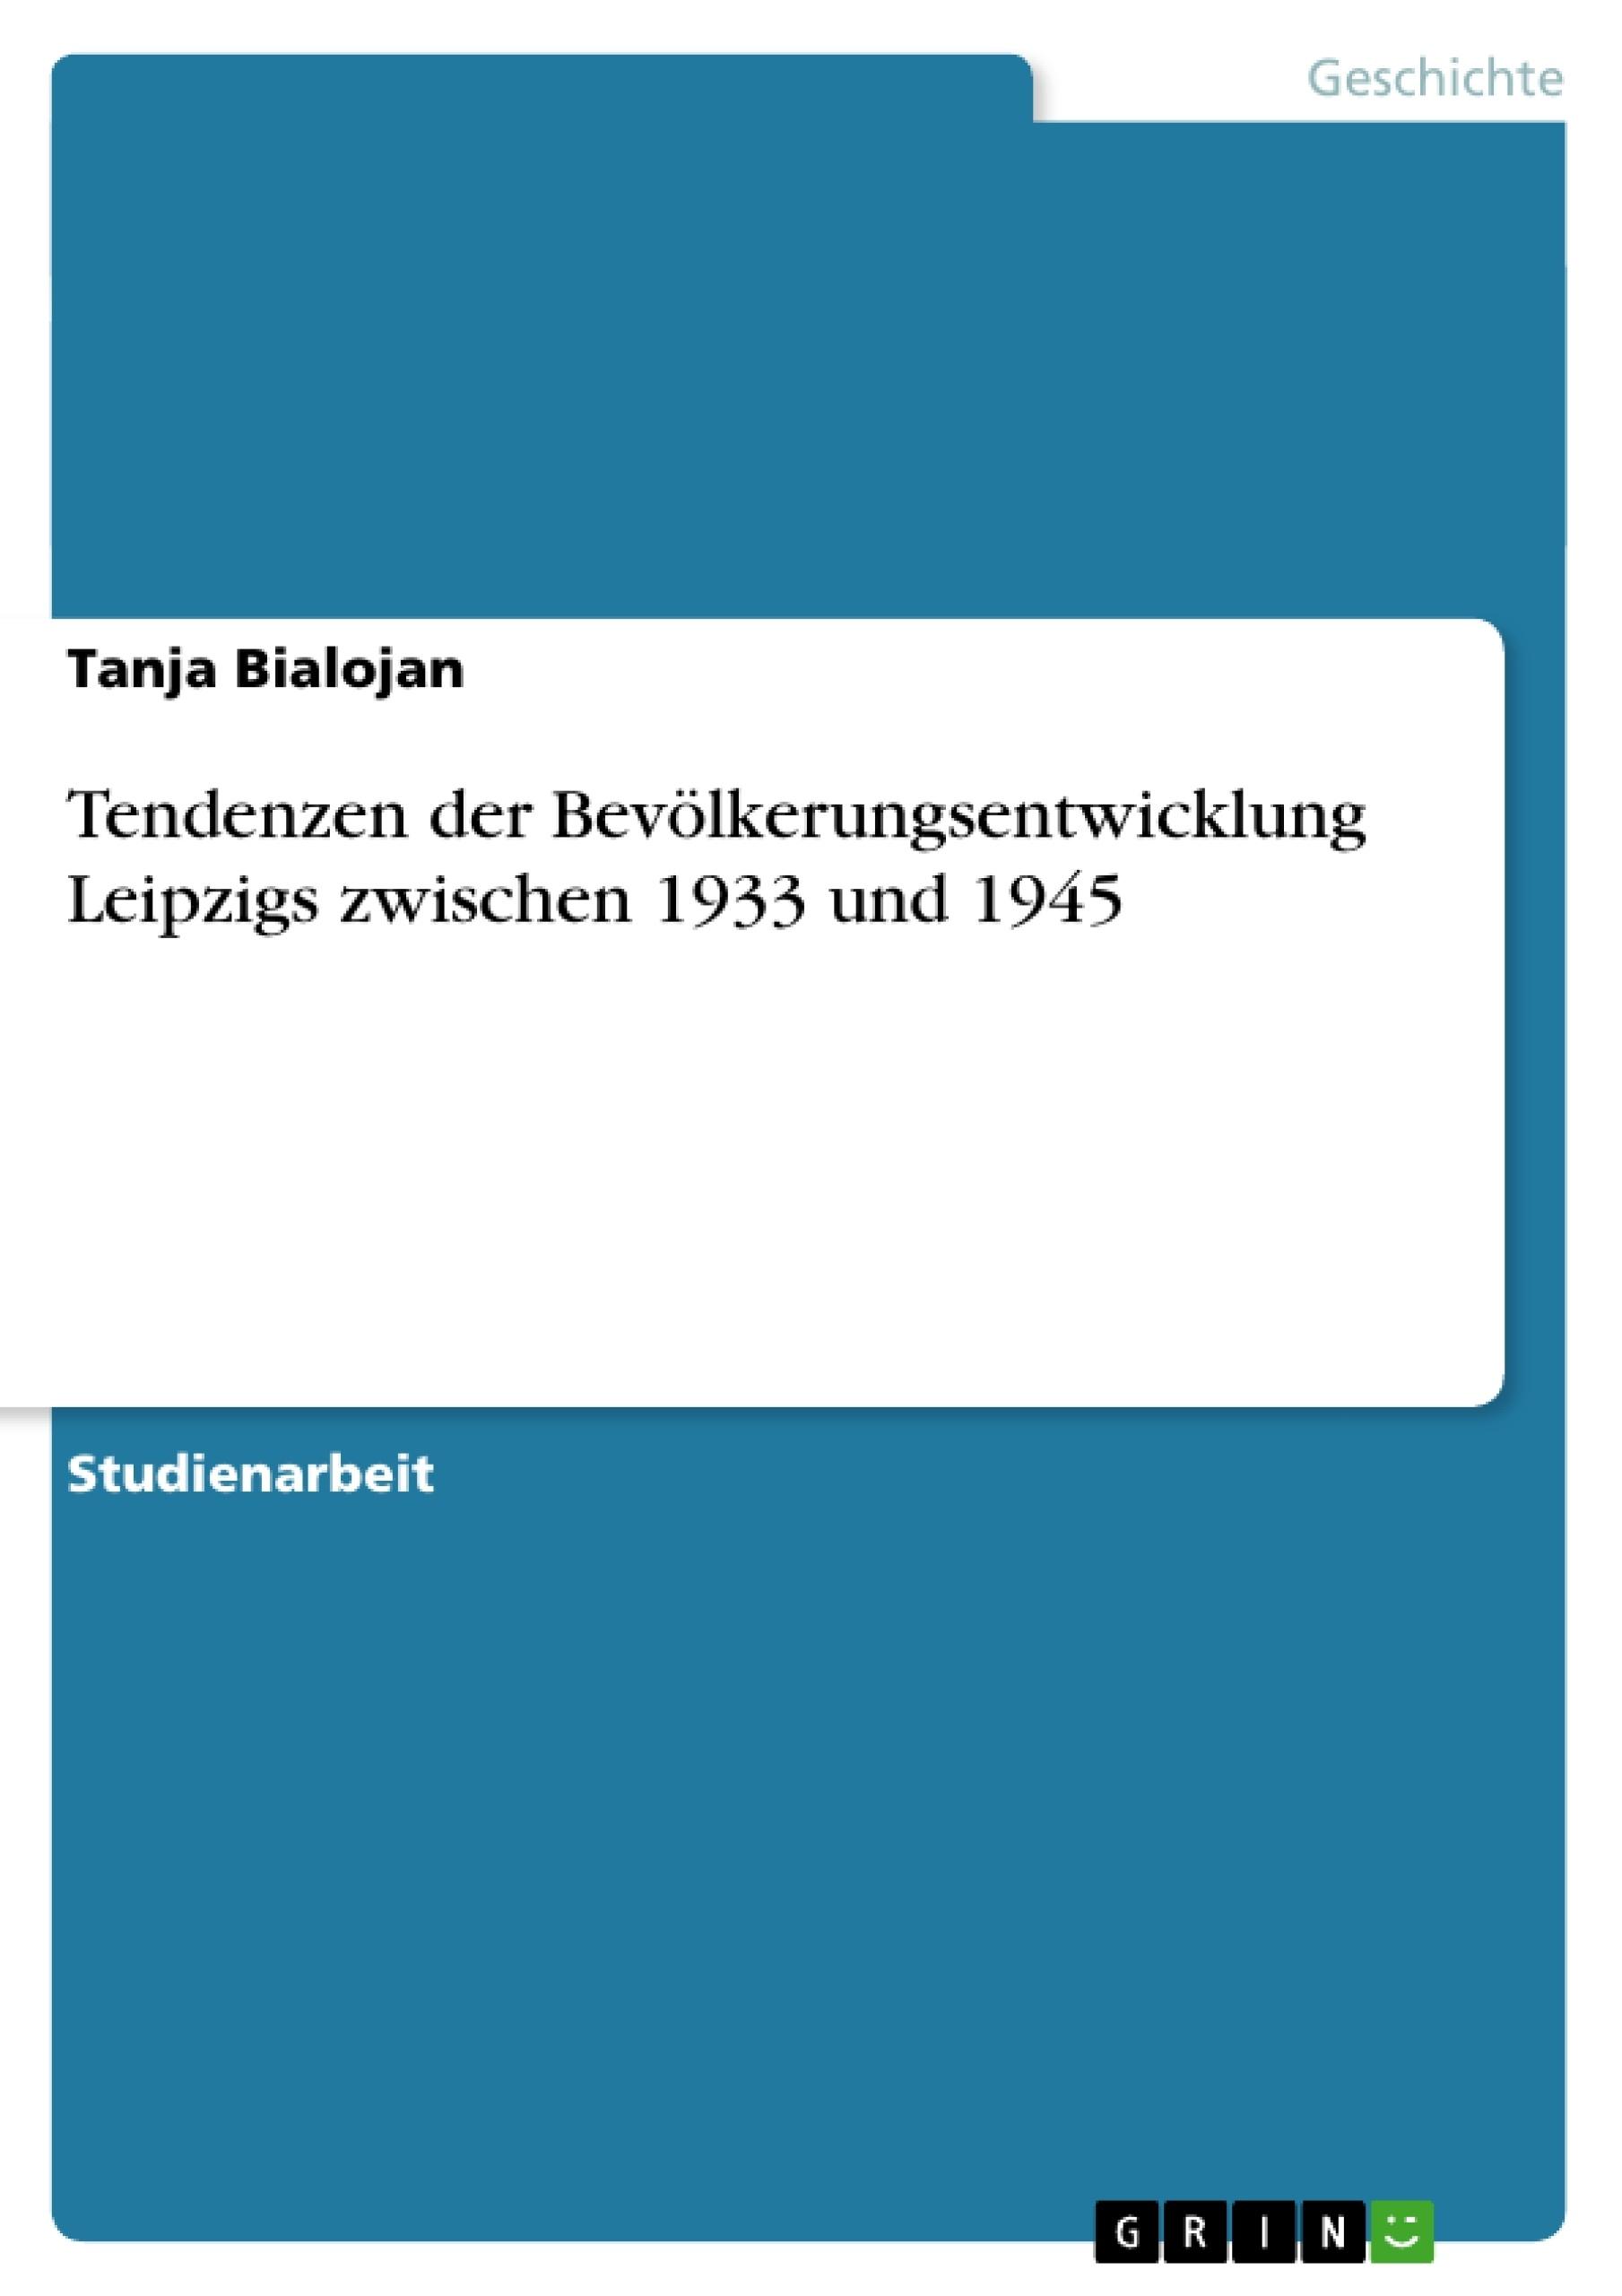 Titel: Tendenzen der Bevölkerungsentwicklung Leipzigs zwischen 1933 und 1945